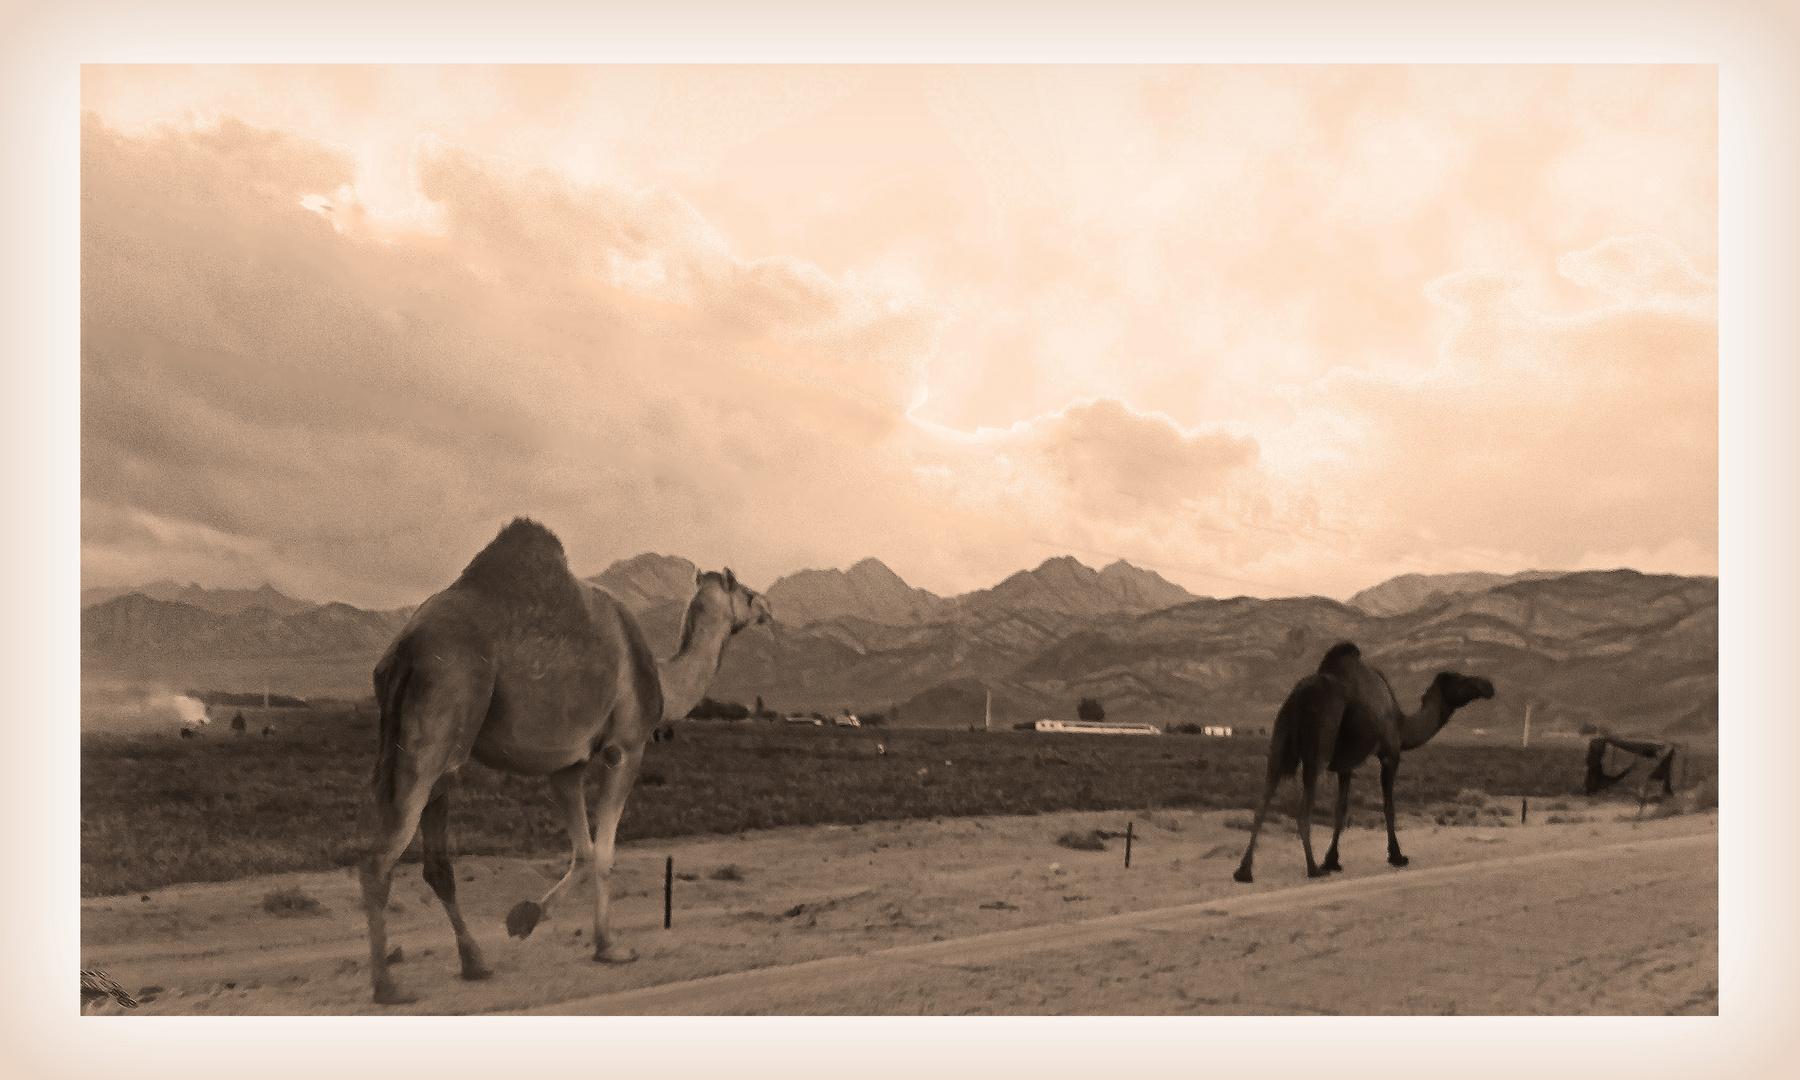 Au bord de la route en Jordanie